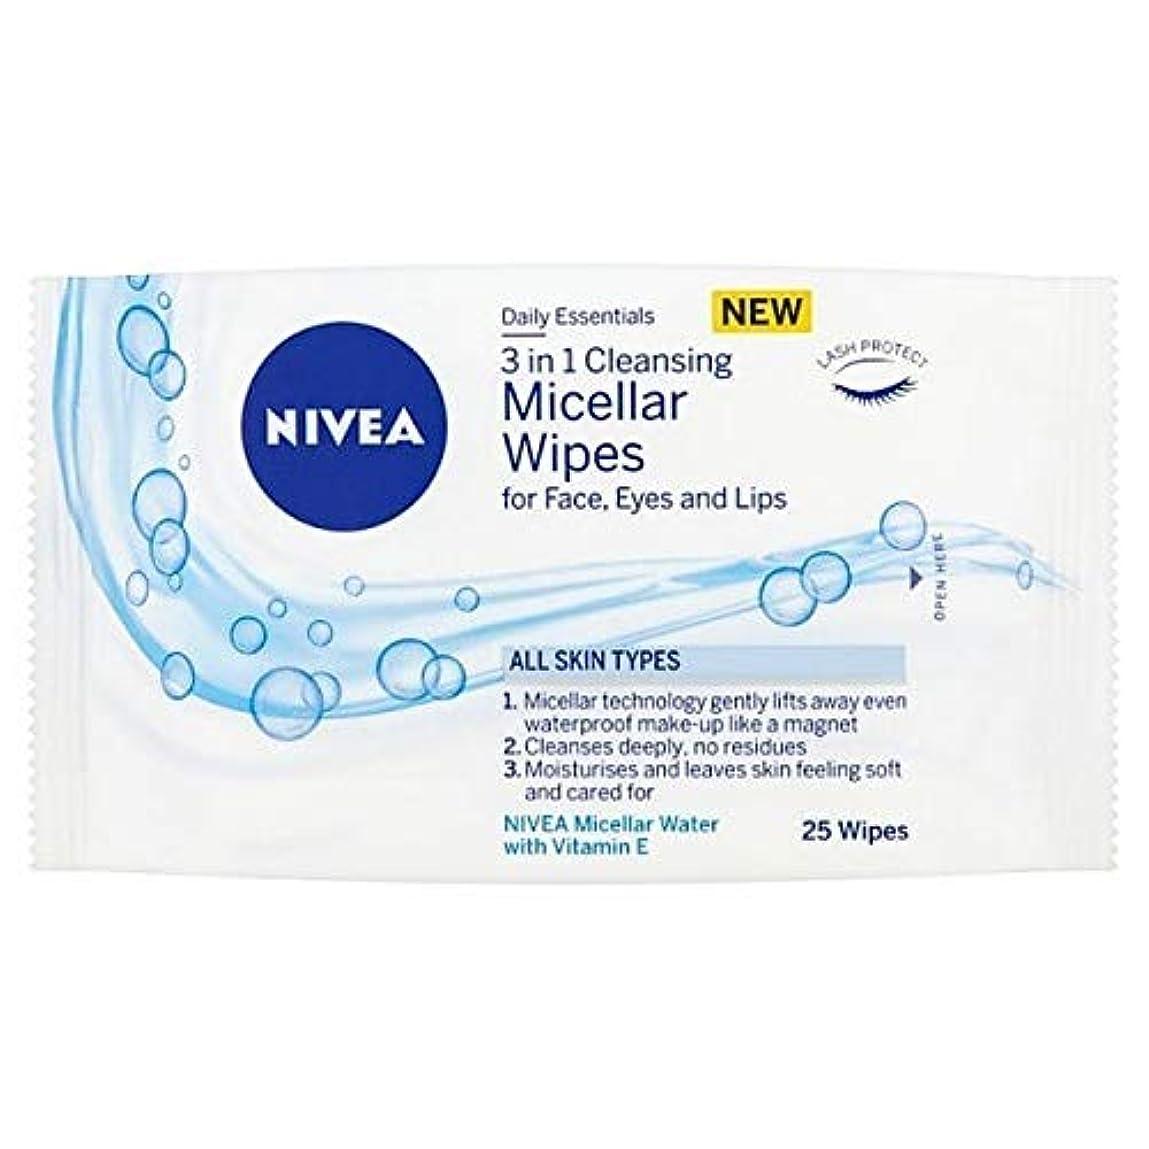 生き残りますルームけがをする[Nivea ] ニベアミセルクレンジング顔は、25のワイプワイプ - NIVEA Micellar Cleansing Face Wipes, 25 wipes [並行輸入品]